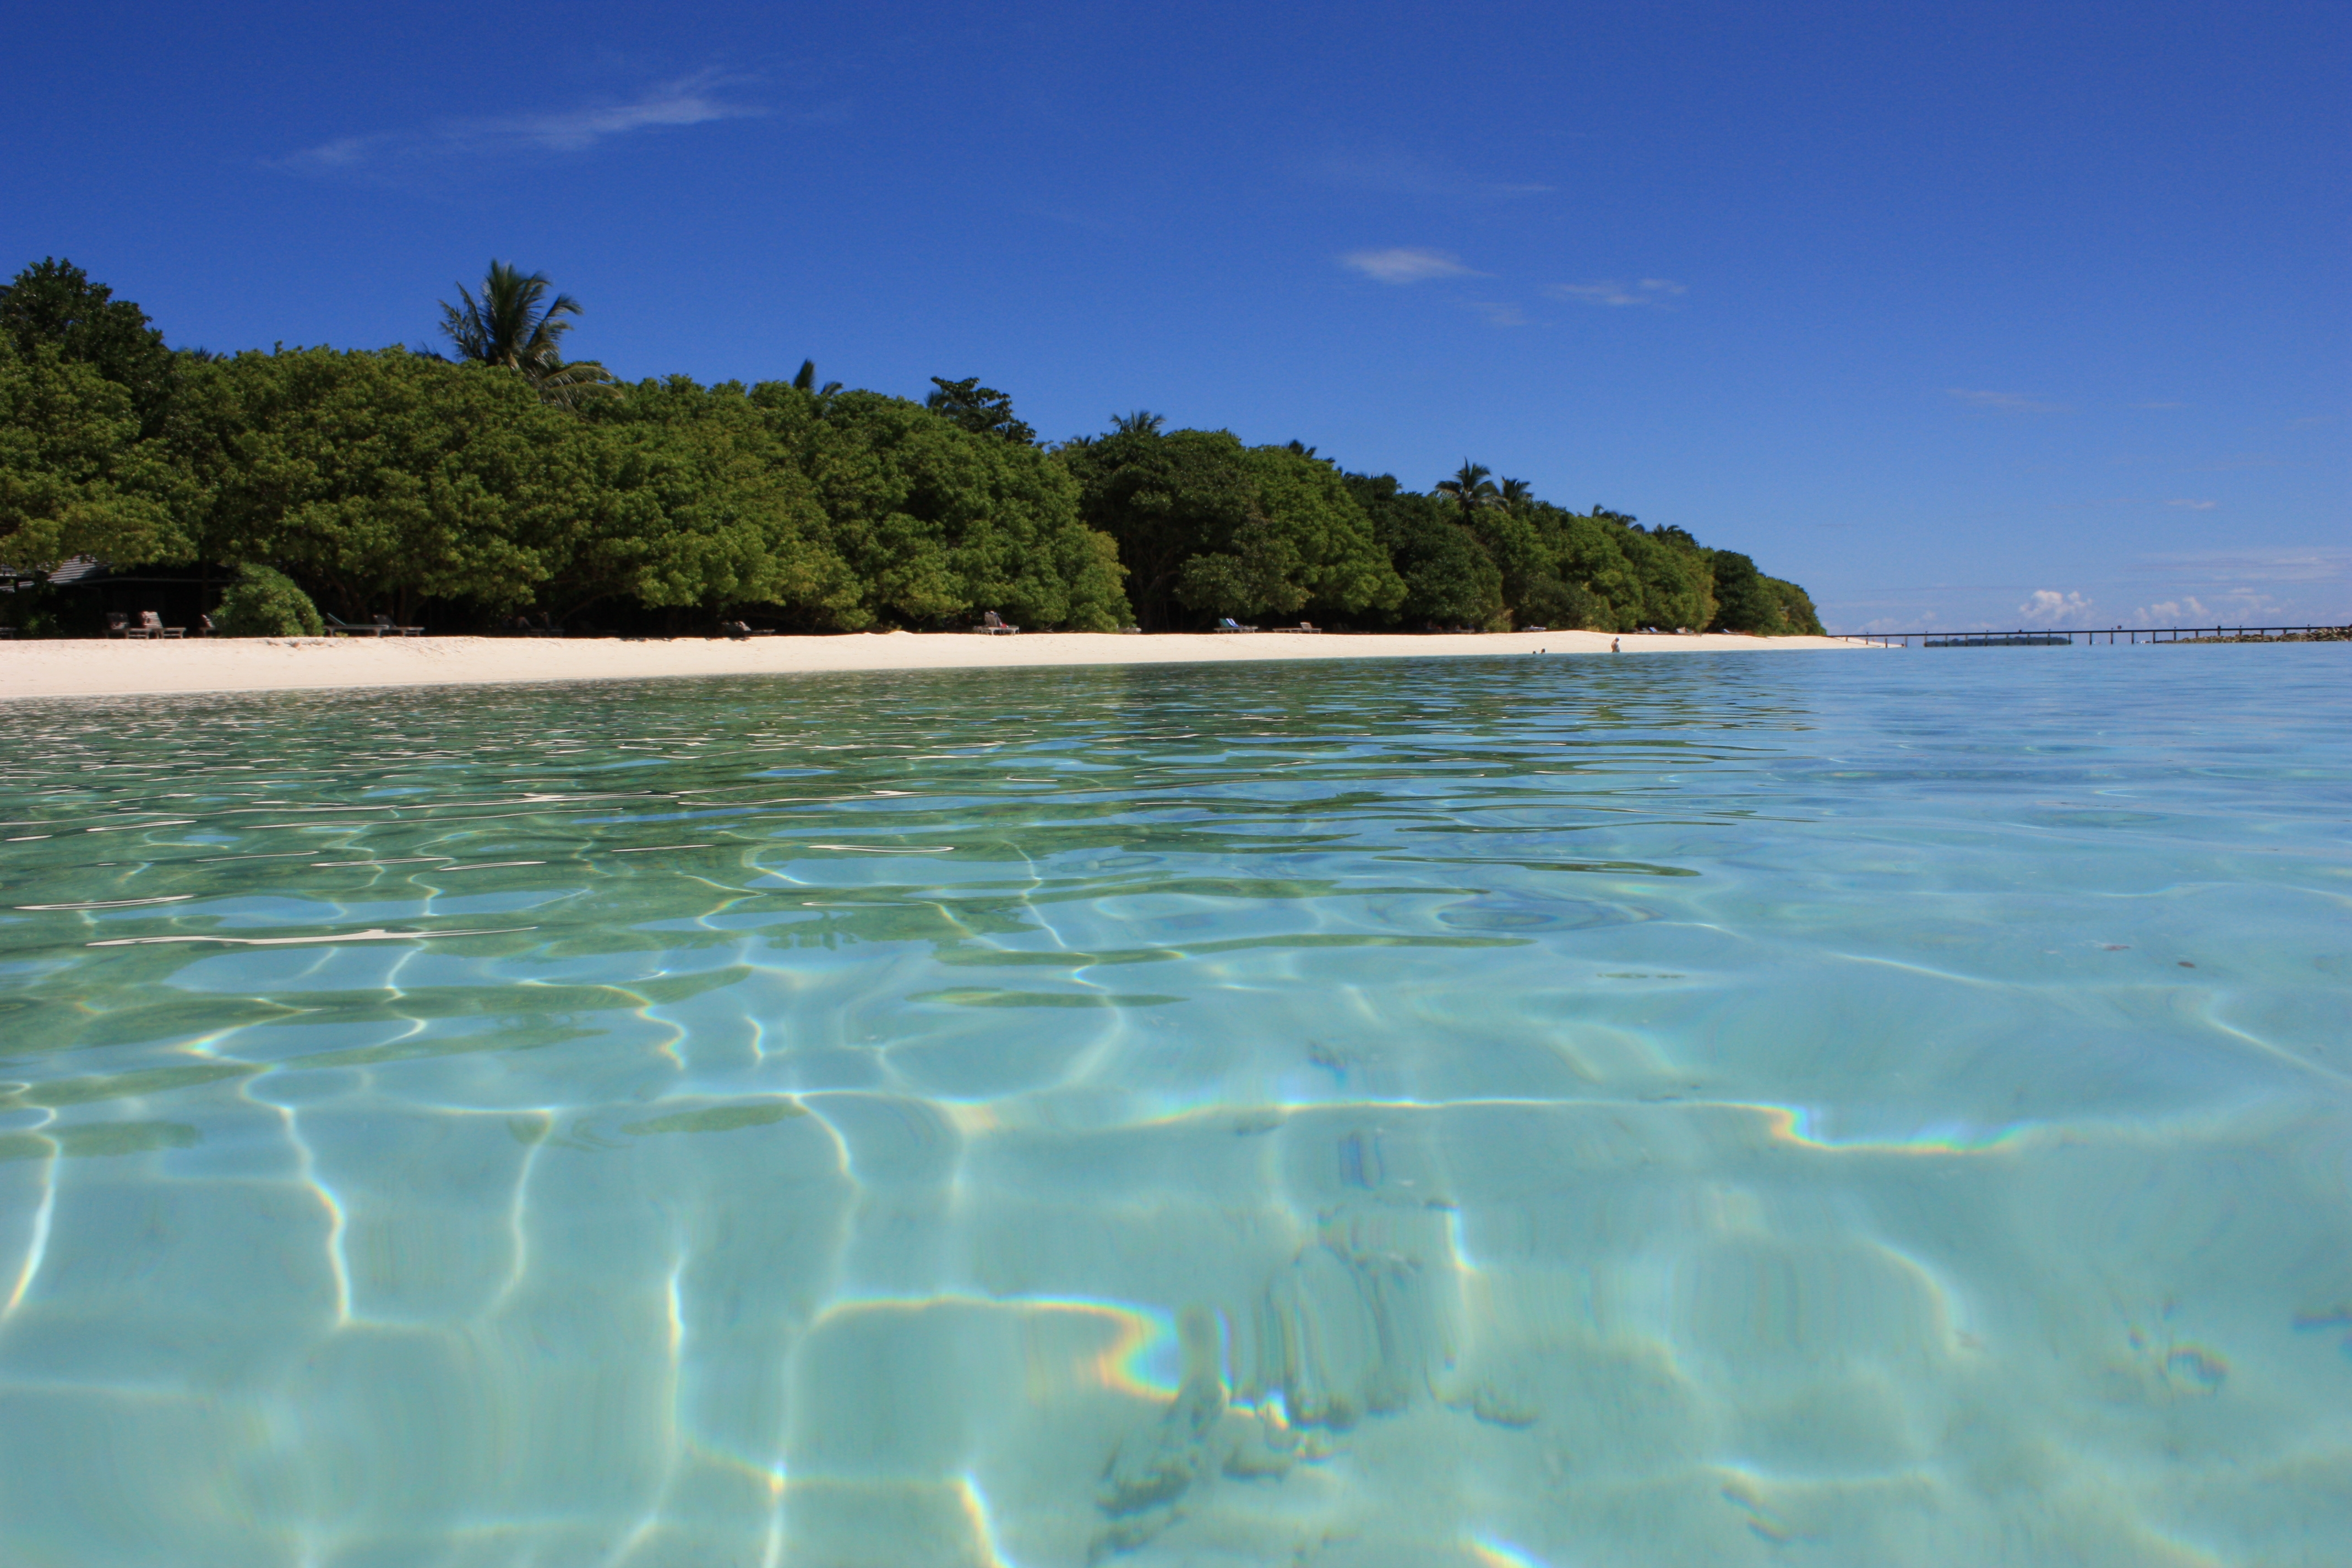 138722 Salvapantallas y fondos de pantalla Mar en tu teléfono. Descarga imágenes de Naturaleza, Maldivas, Mar, Verano, Orilla, Banco gratis